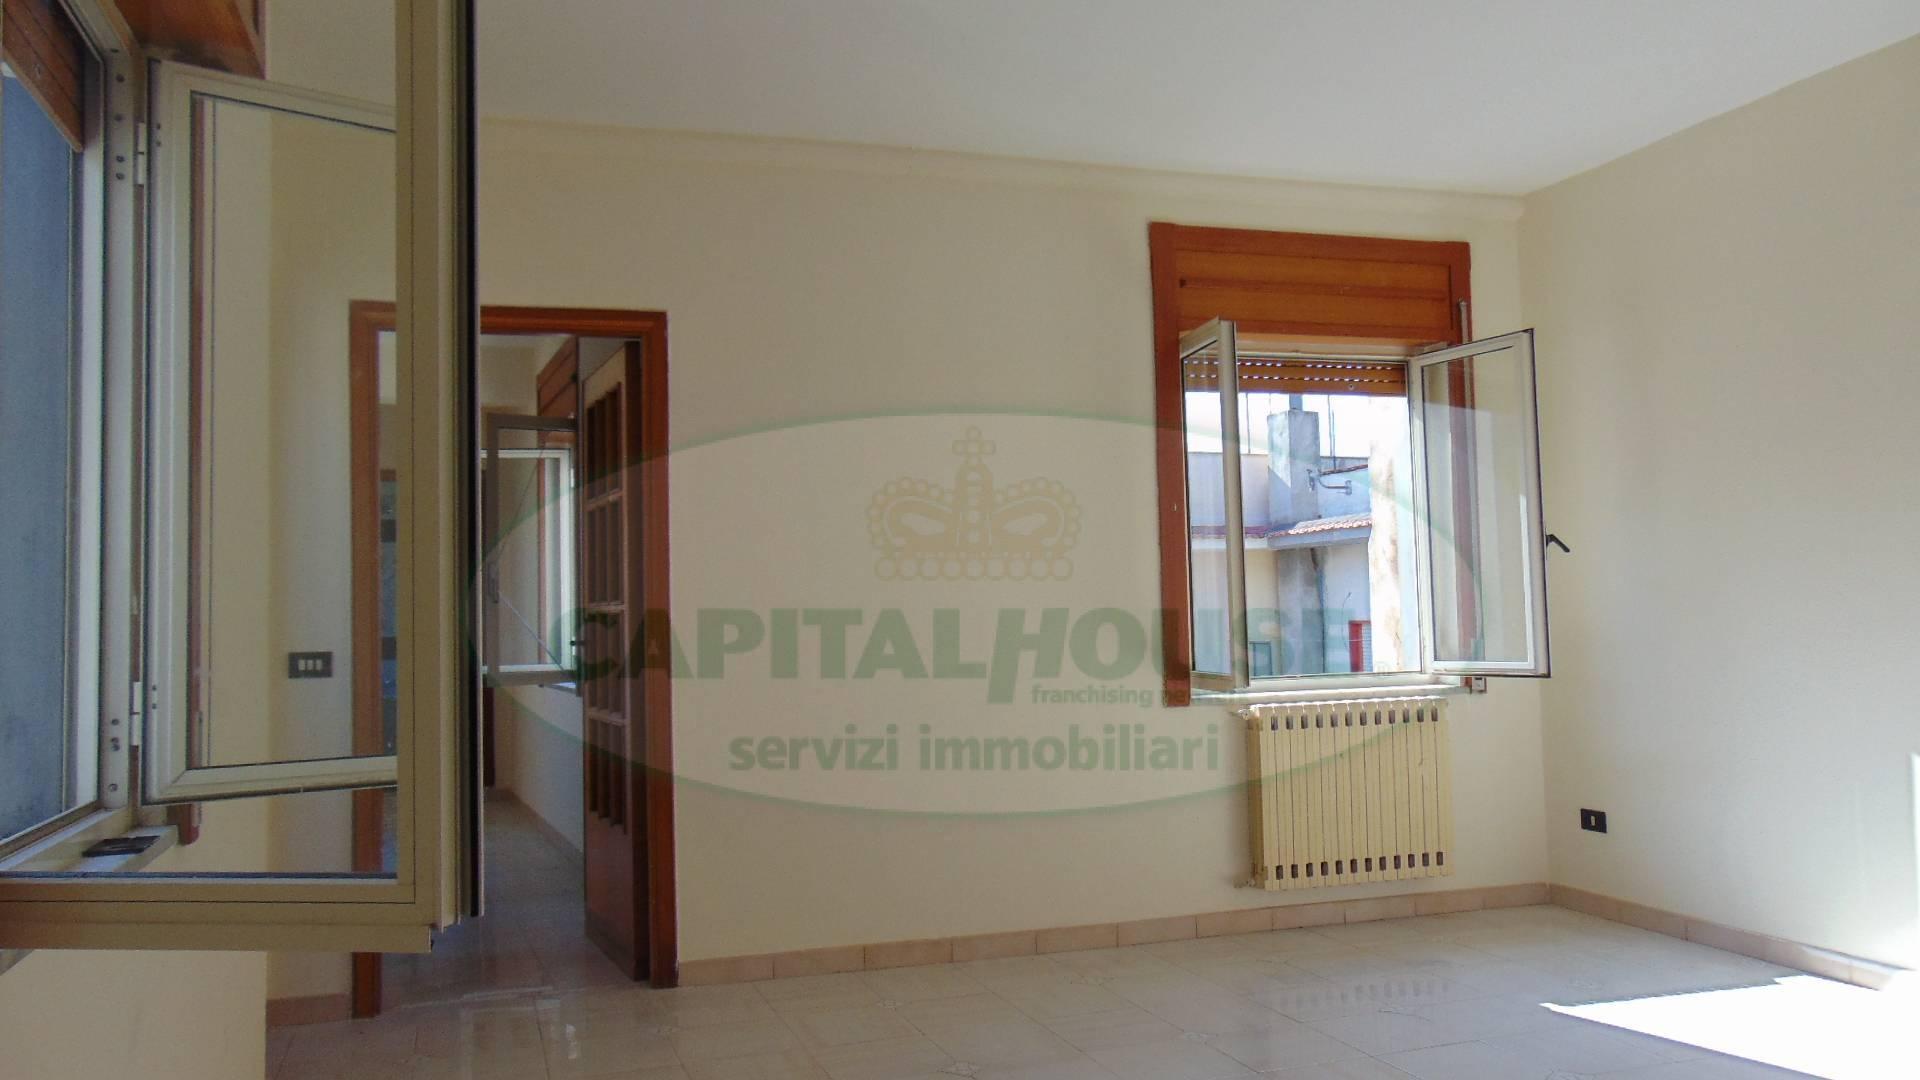 Appartamento in vendita a Sirignano, 3 locali, prezzo € 68.000   CambioCasa.it